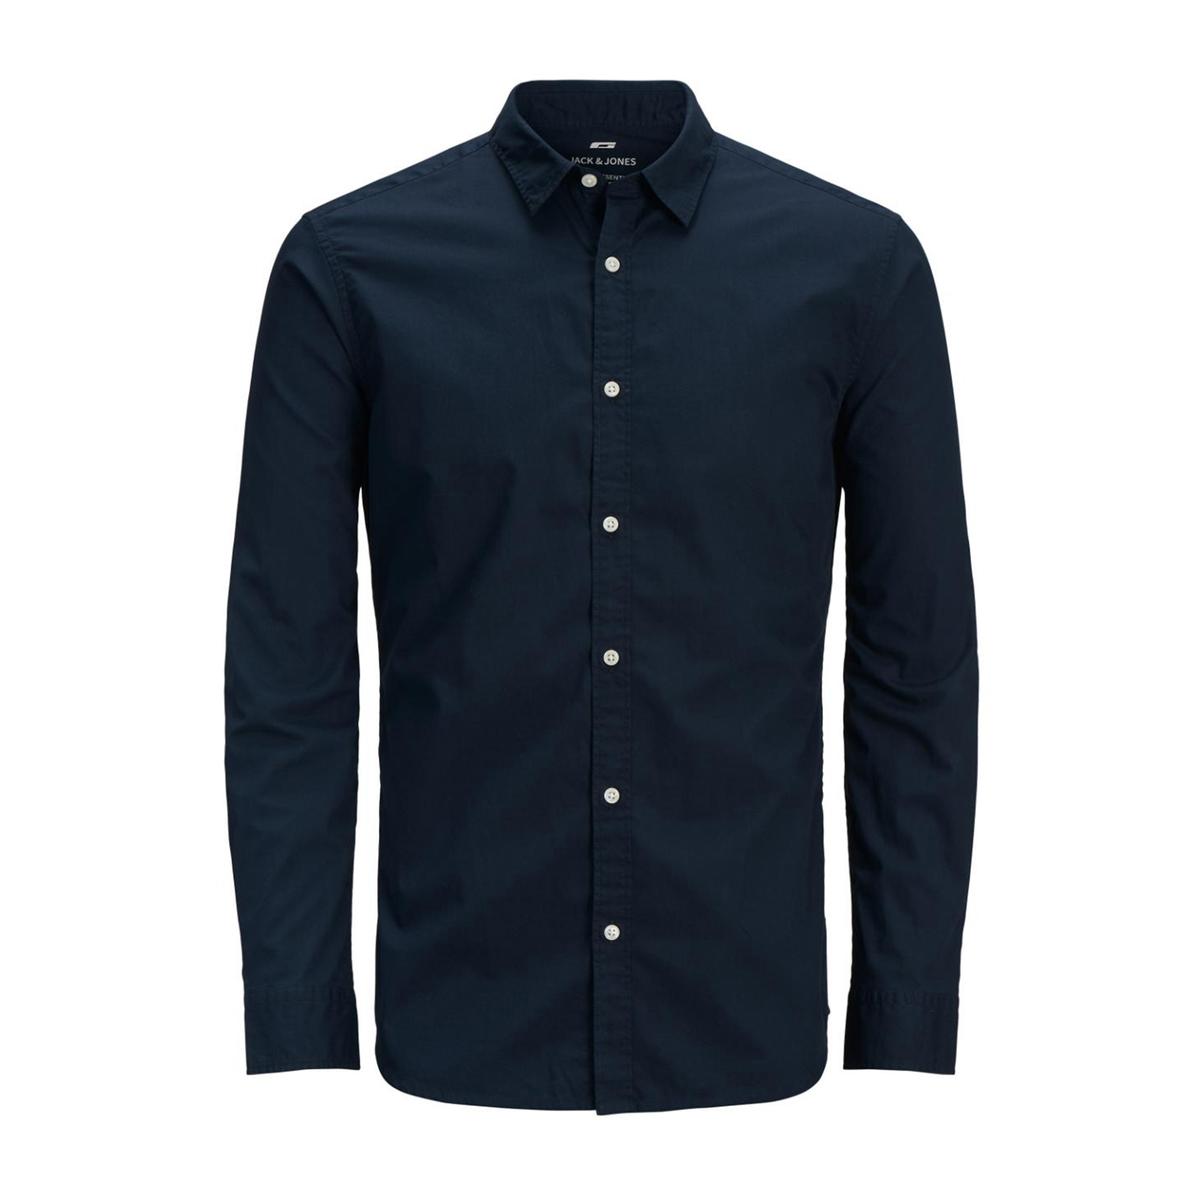 Рубашка JACK & JONES 15518066 от LaRedoute